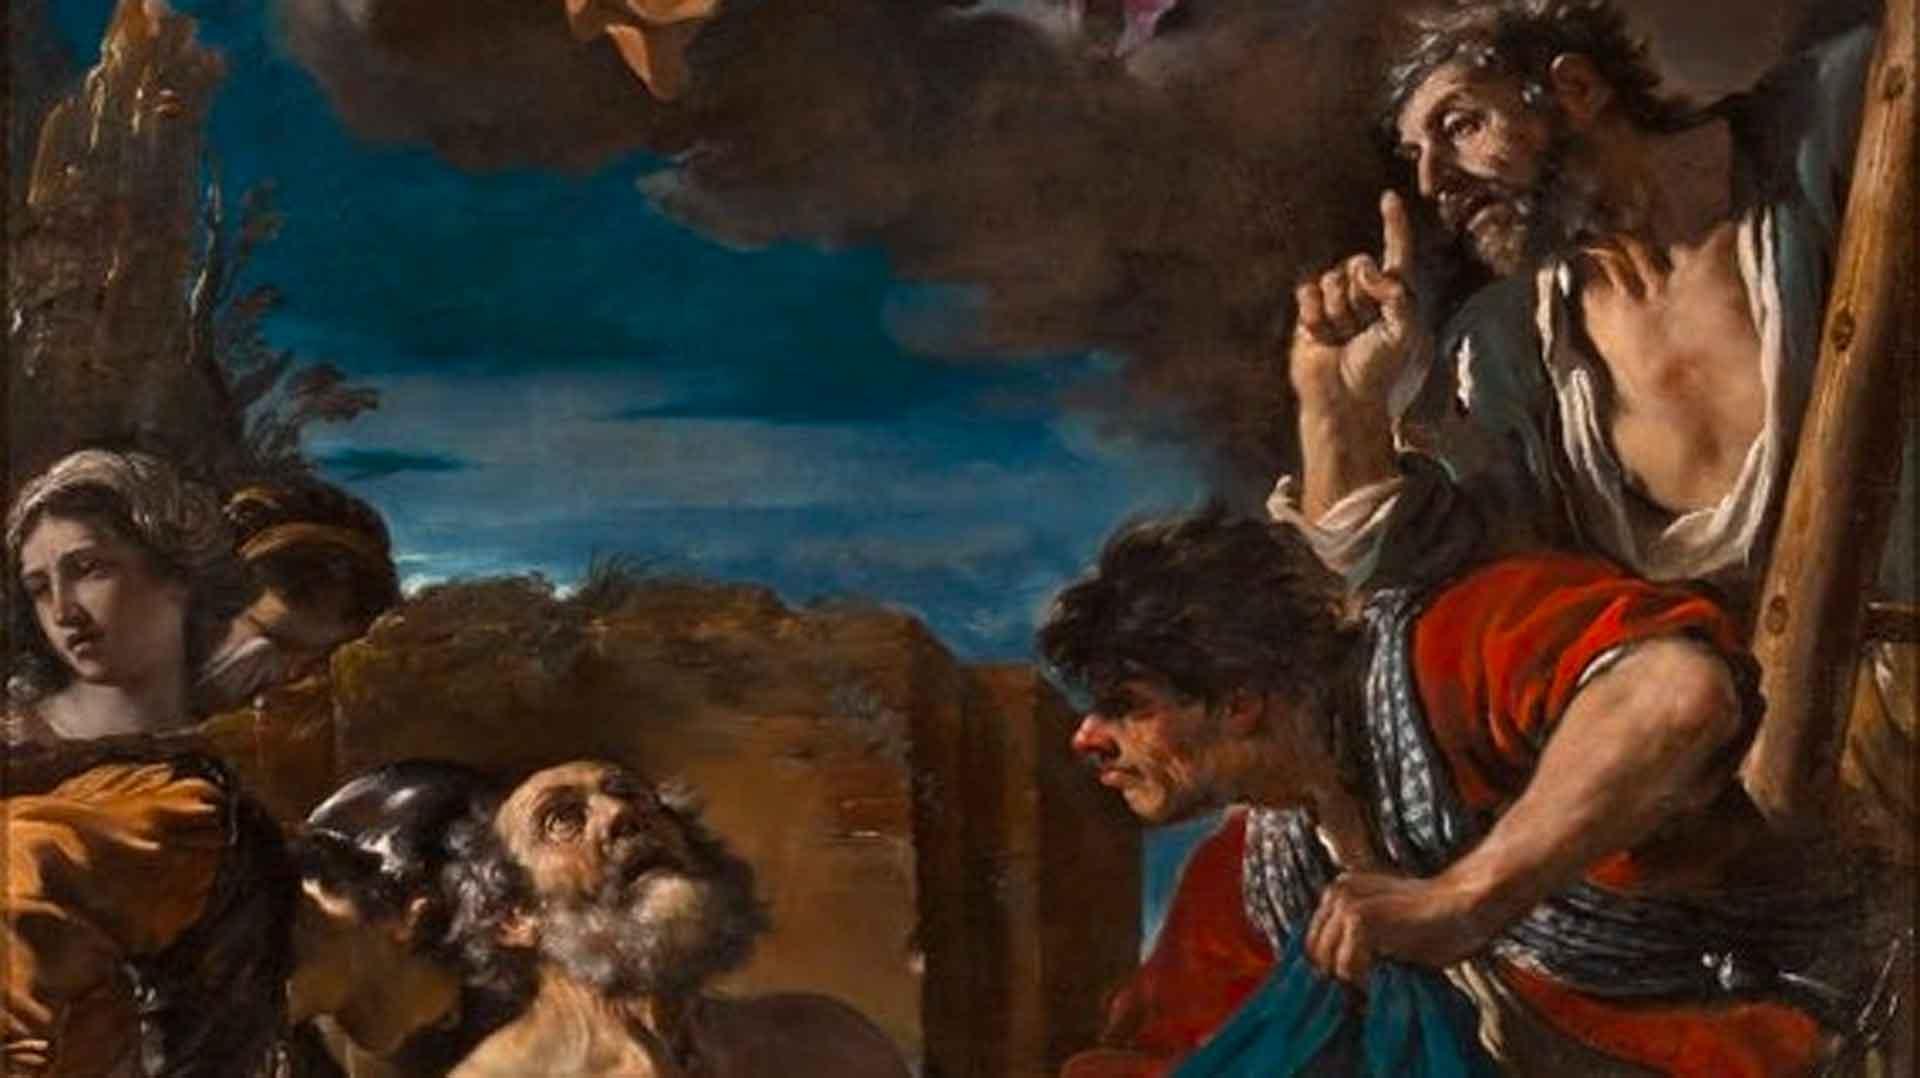 Il Martirio di san Pietro del Guercino - gallerie estensi opere